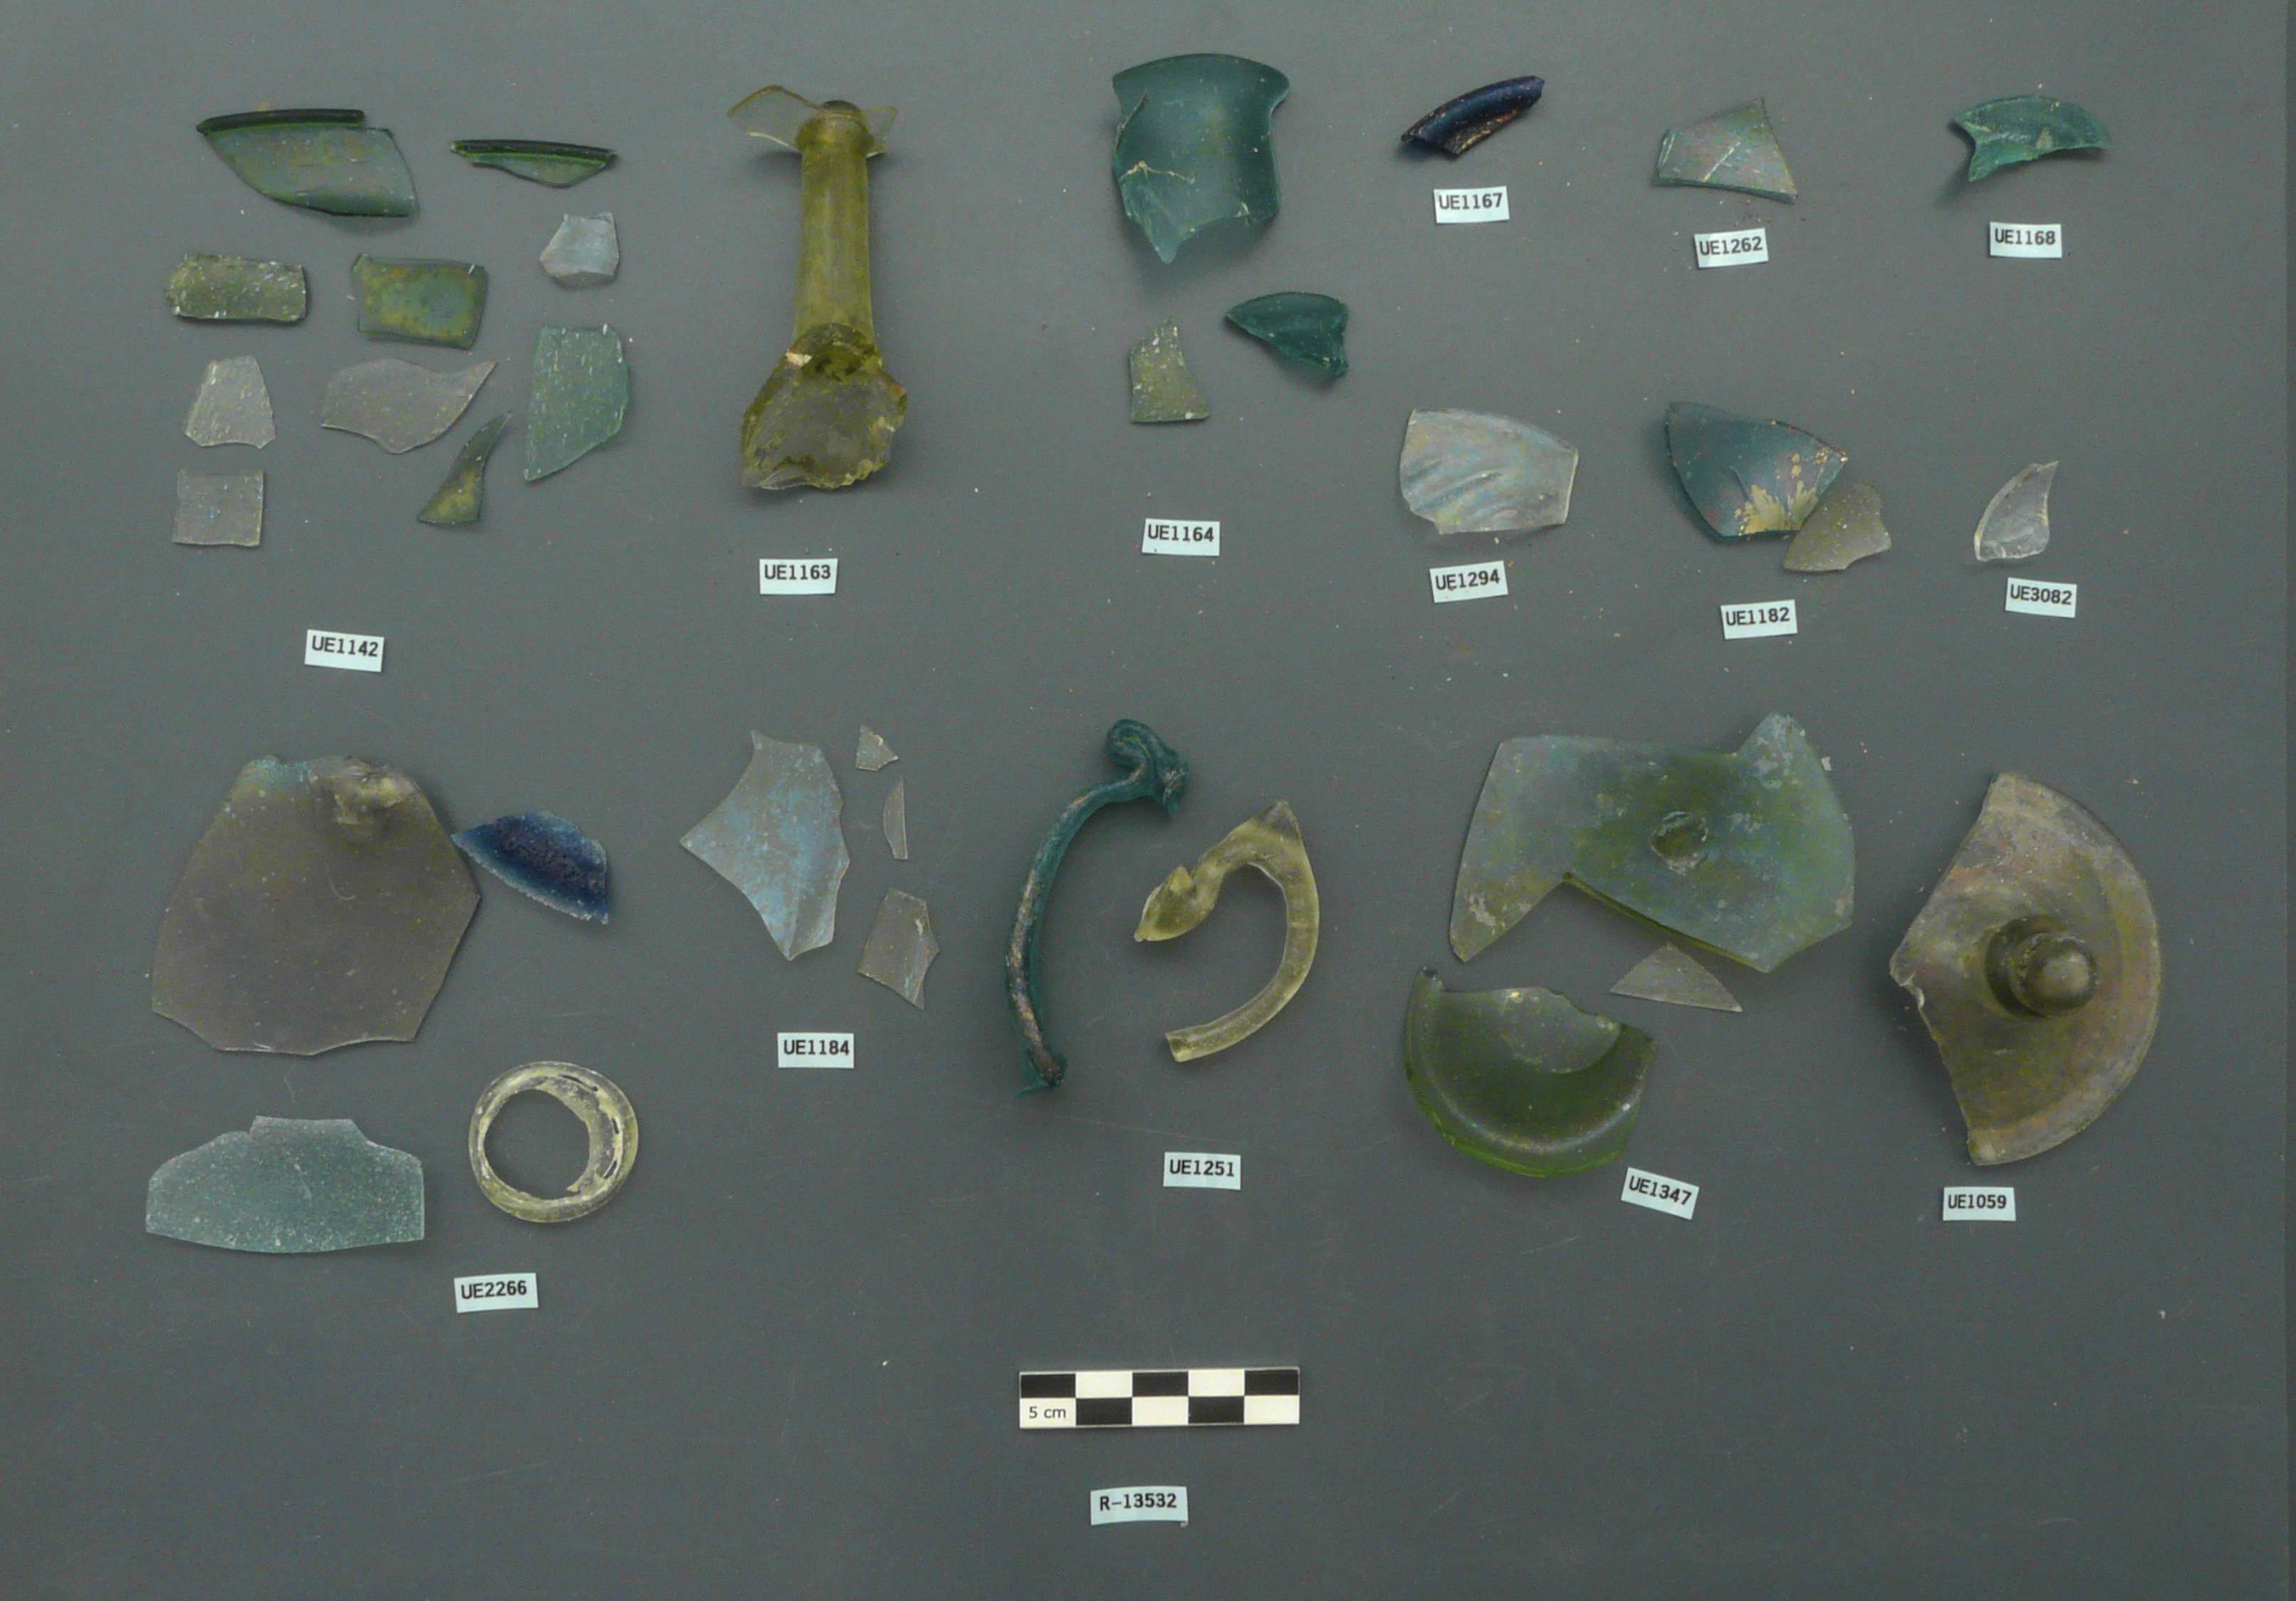 Peces de vidre recuperades del carrer d'en Rull, 10-14, després del tractament. (Foto: Servei d'Arqueologia)